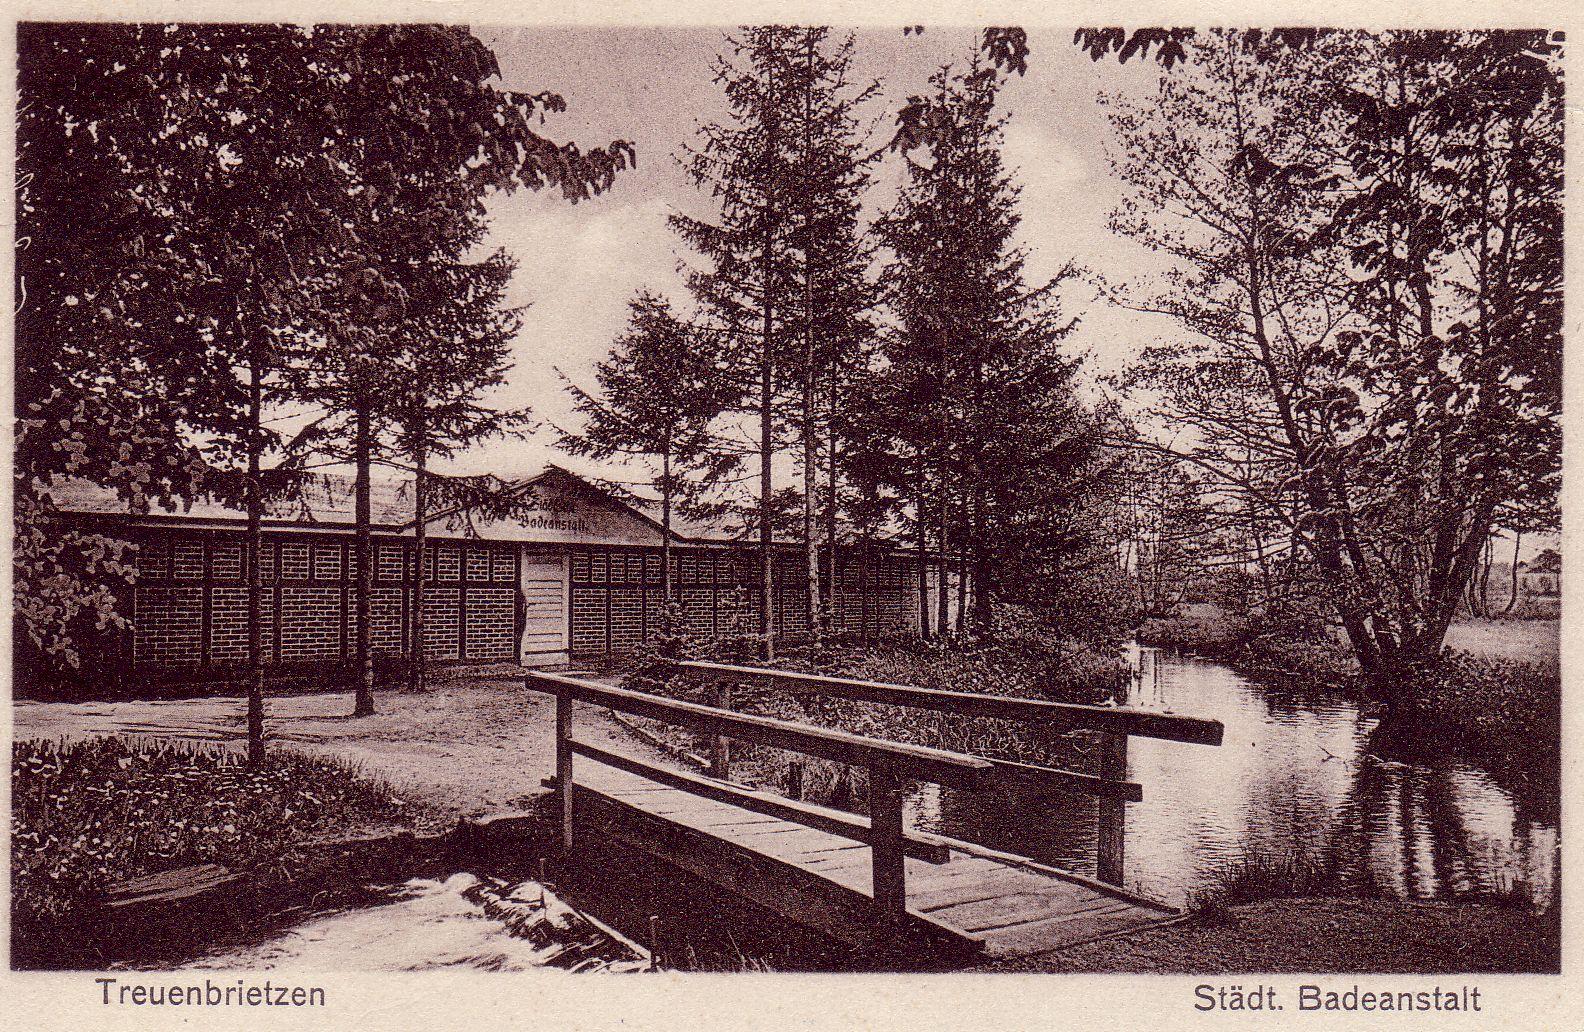 Die städtische Badeanstalt (Freibad) Treuenbrietzen im Jahr 1932